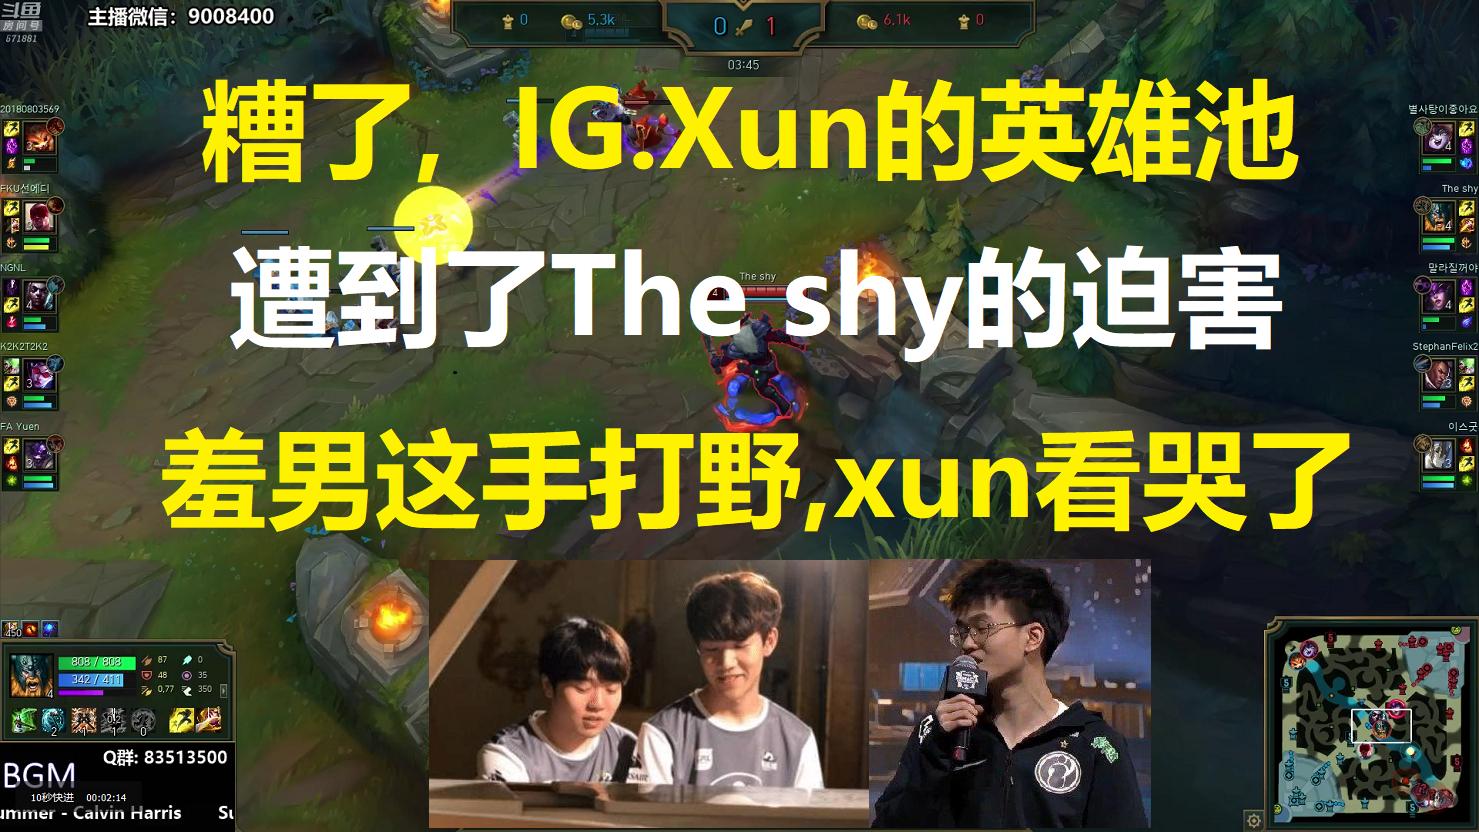 糟了,IG.Xun的英雄池遭到了The shy的迫害,The shy这手打野把Xun看哭了!